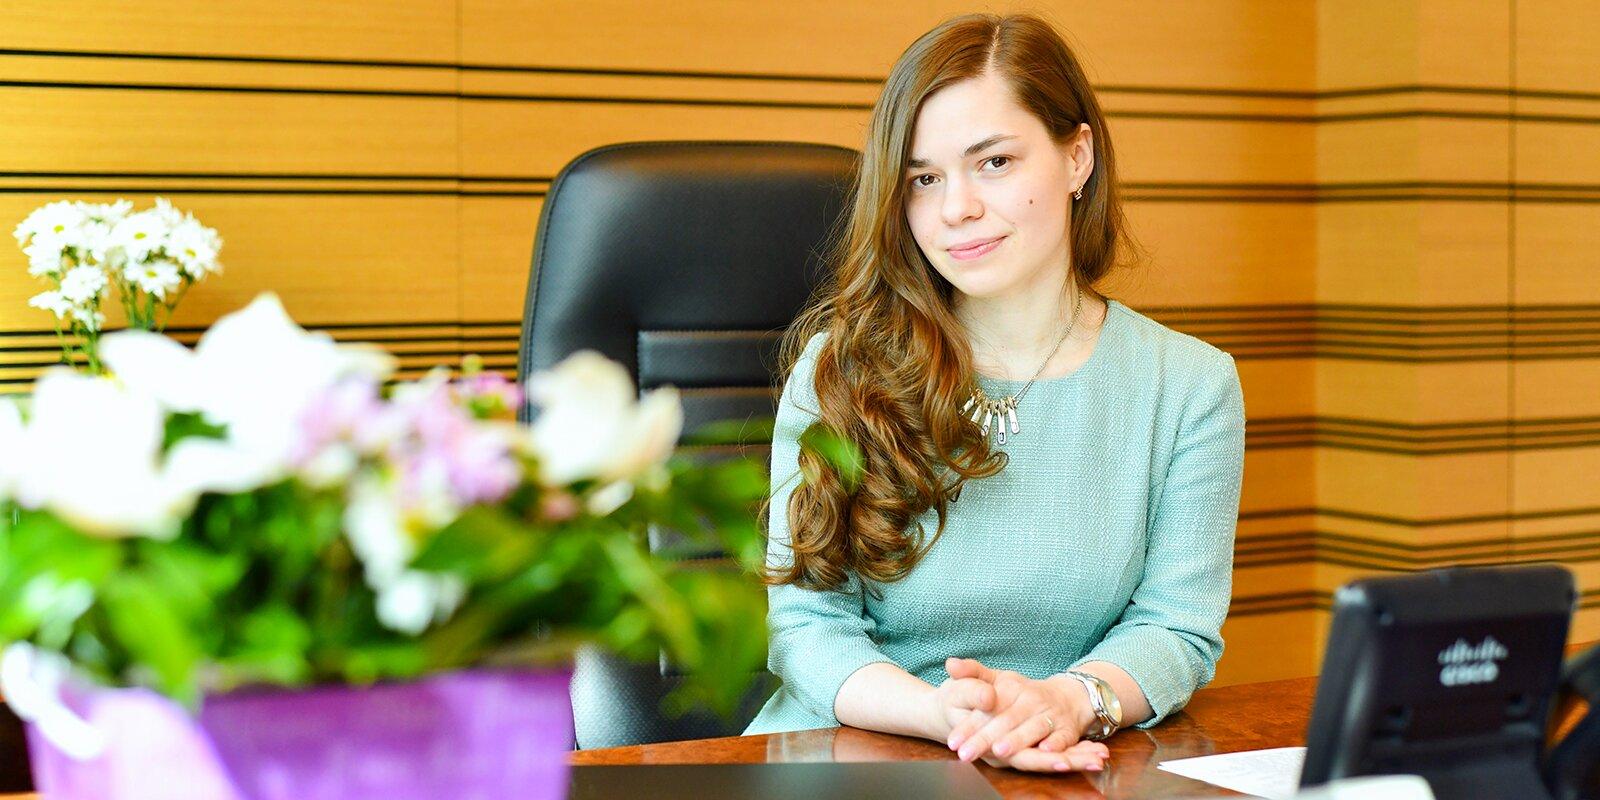 Юлия Куликова, директор ГБУ «Мосстройинформ».  Фото Ю. Иванко. Mos.ru